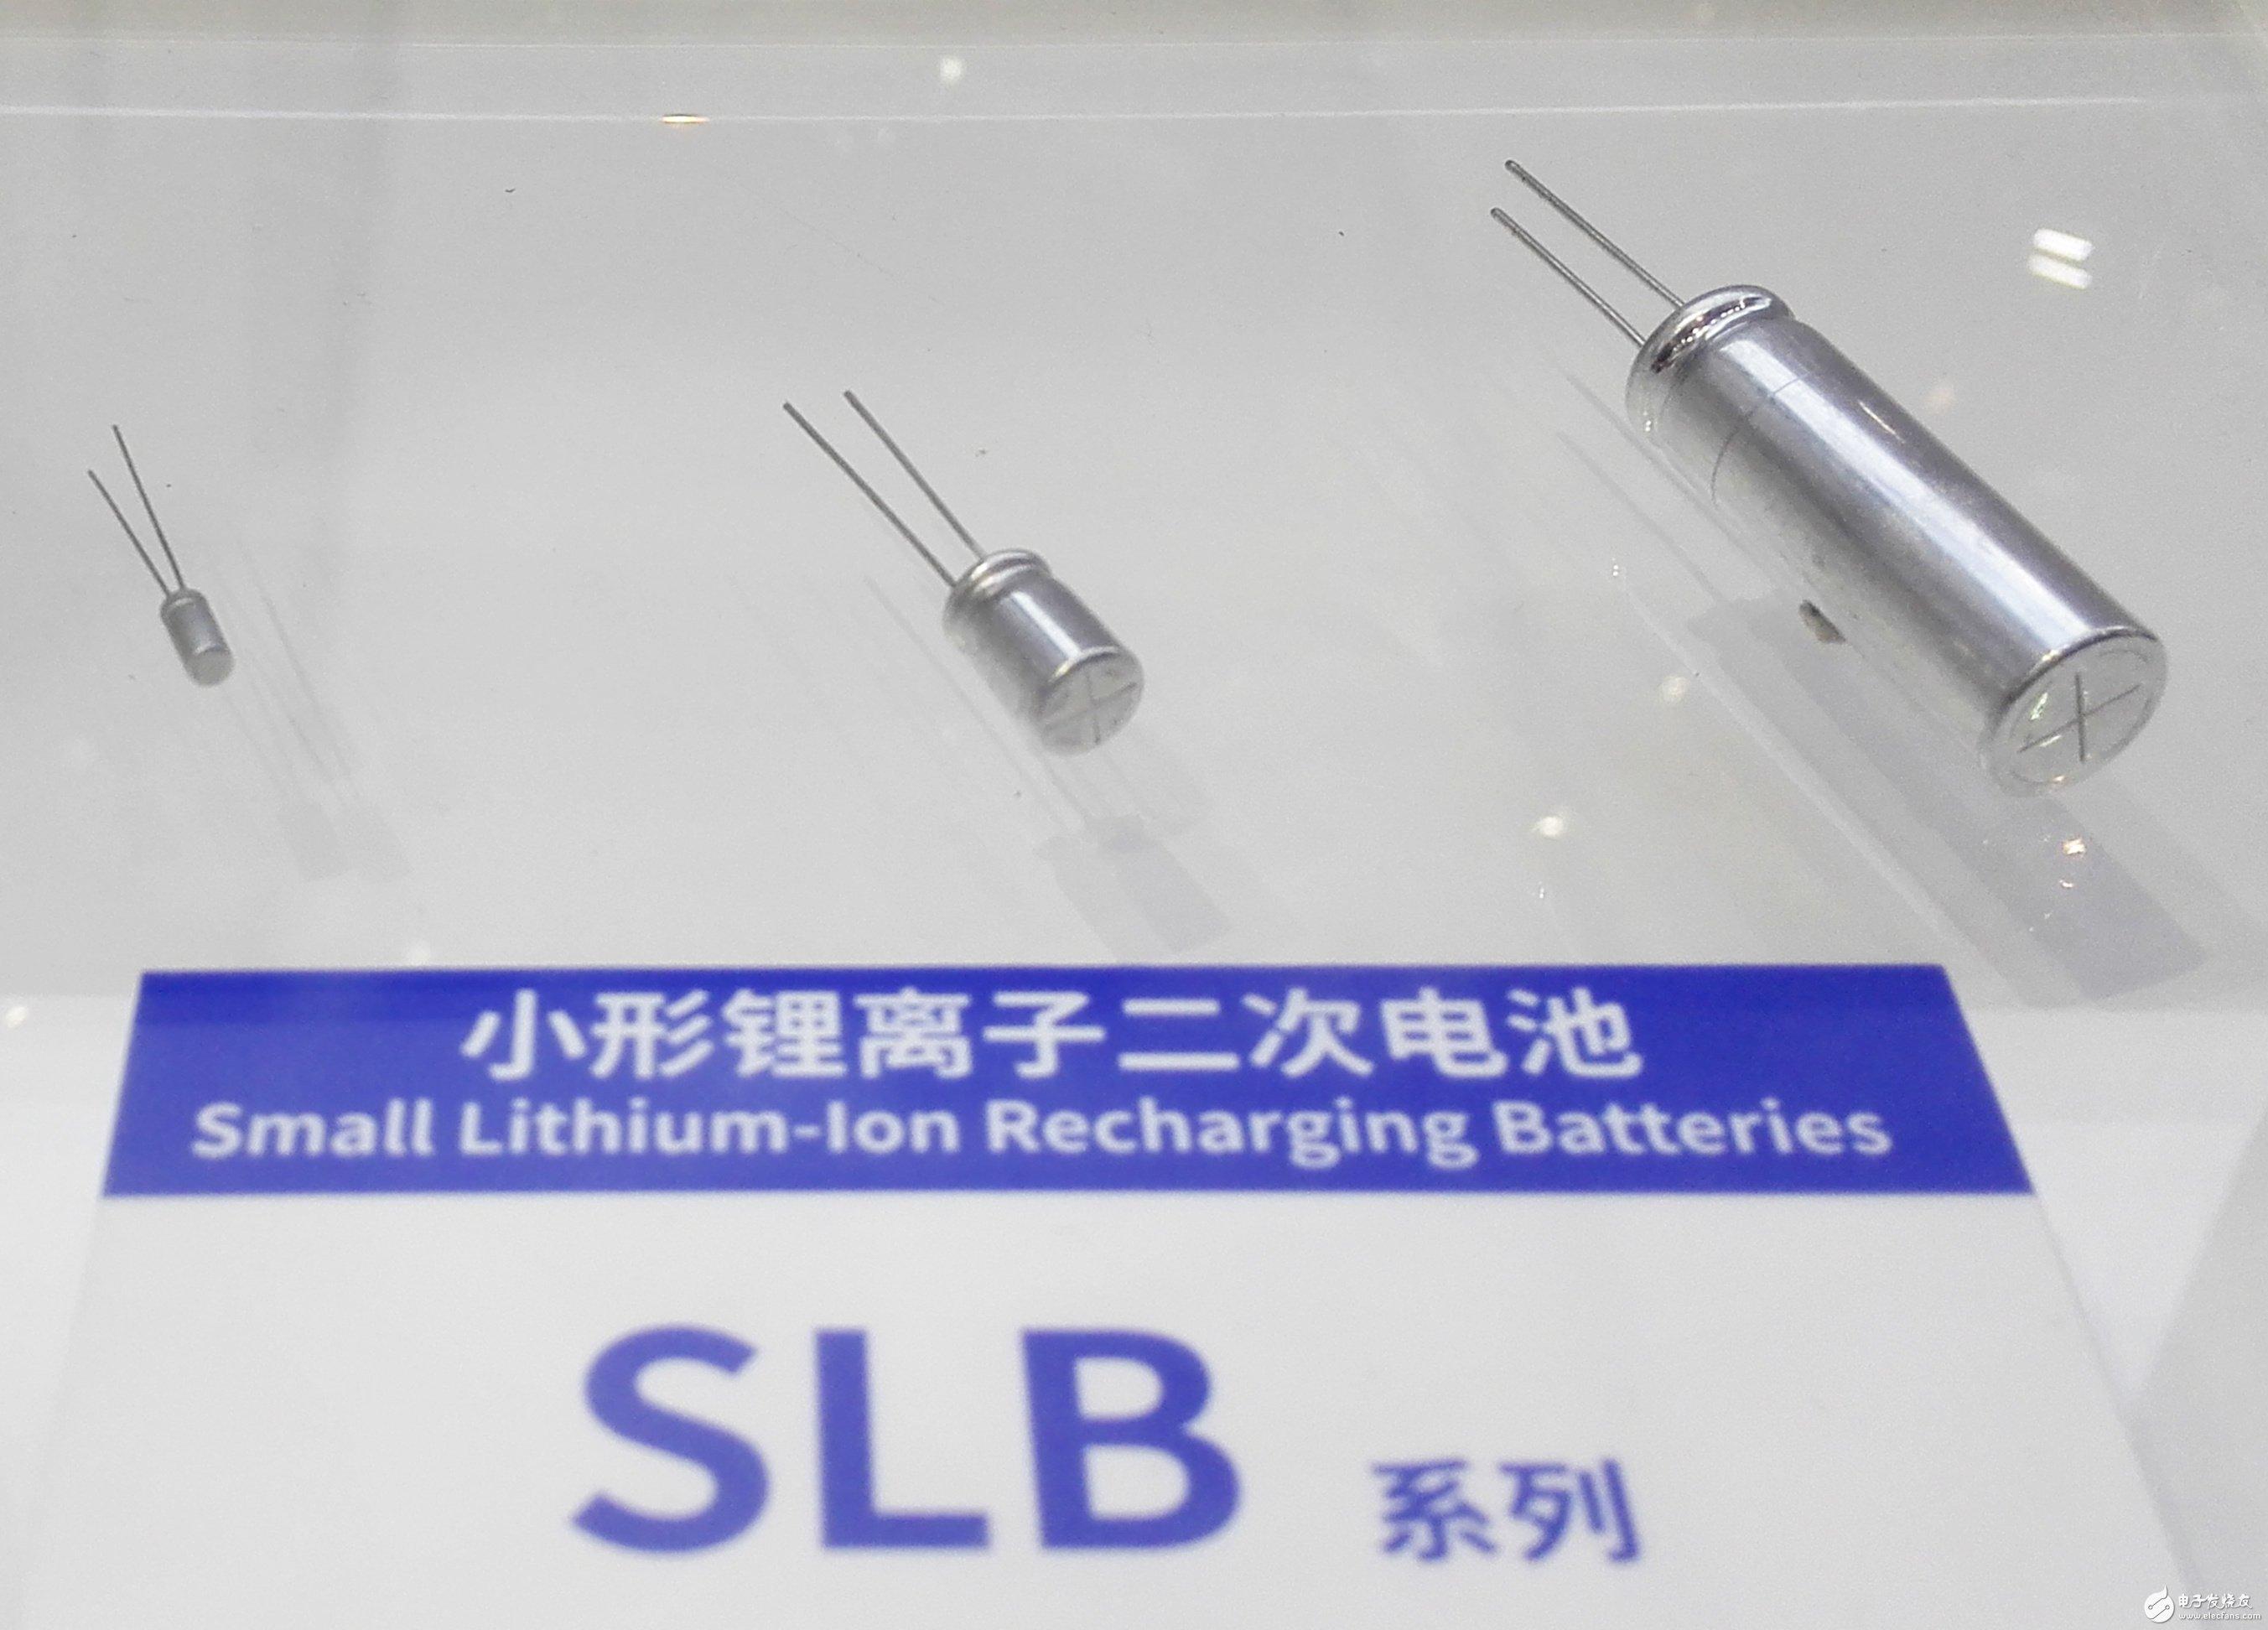 尼吉康最新小型锂离子二次电池,应用于IoT和可穿戴设备